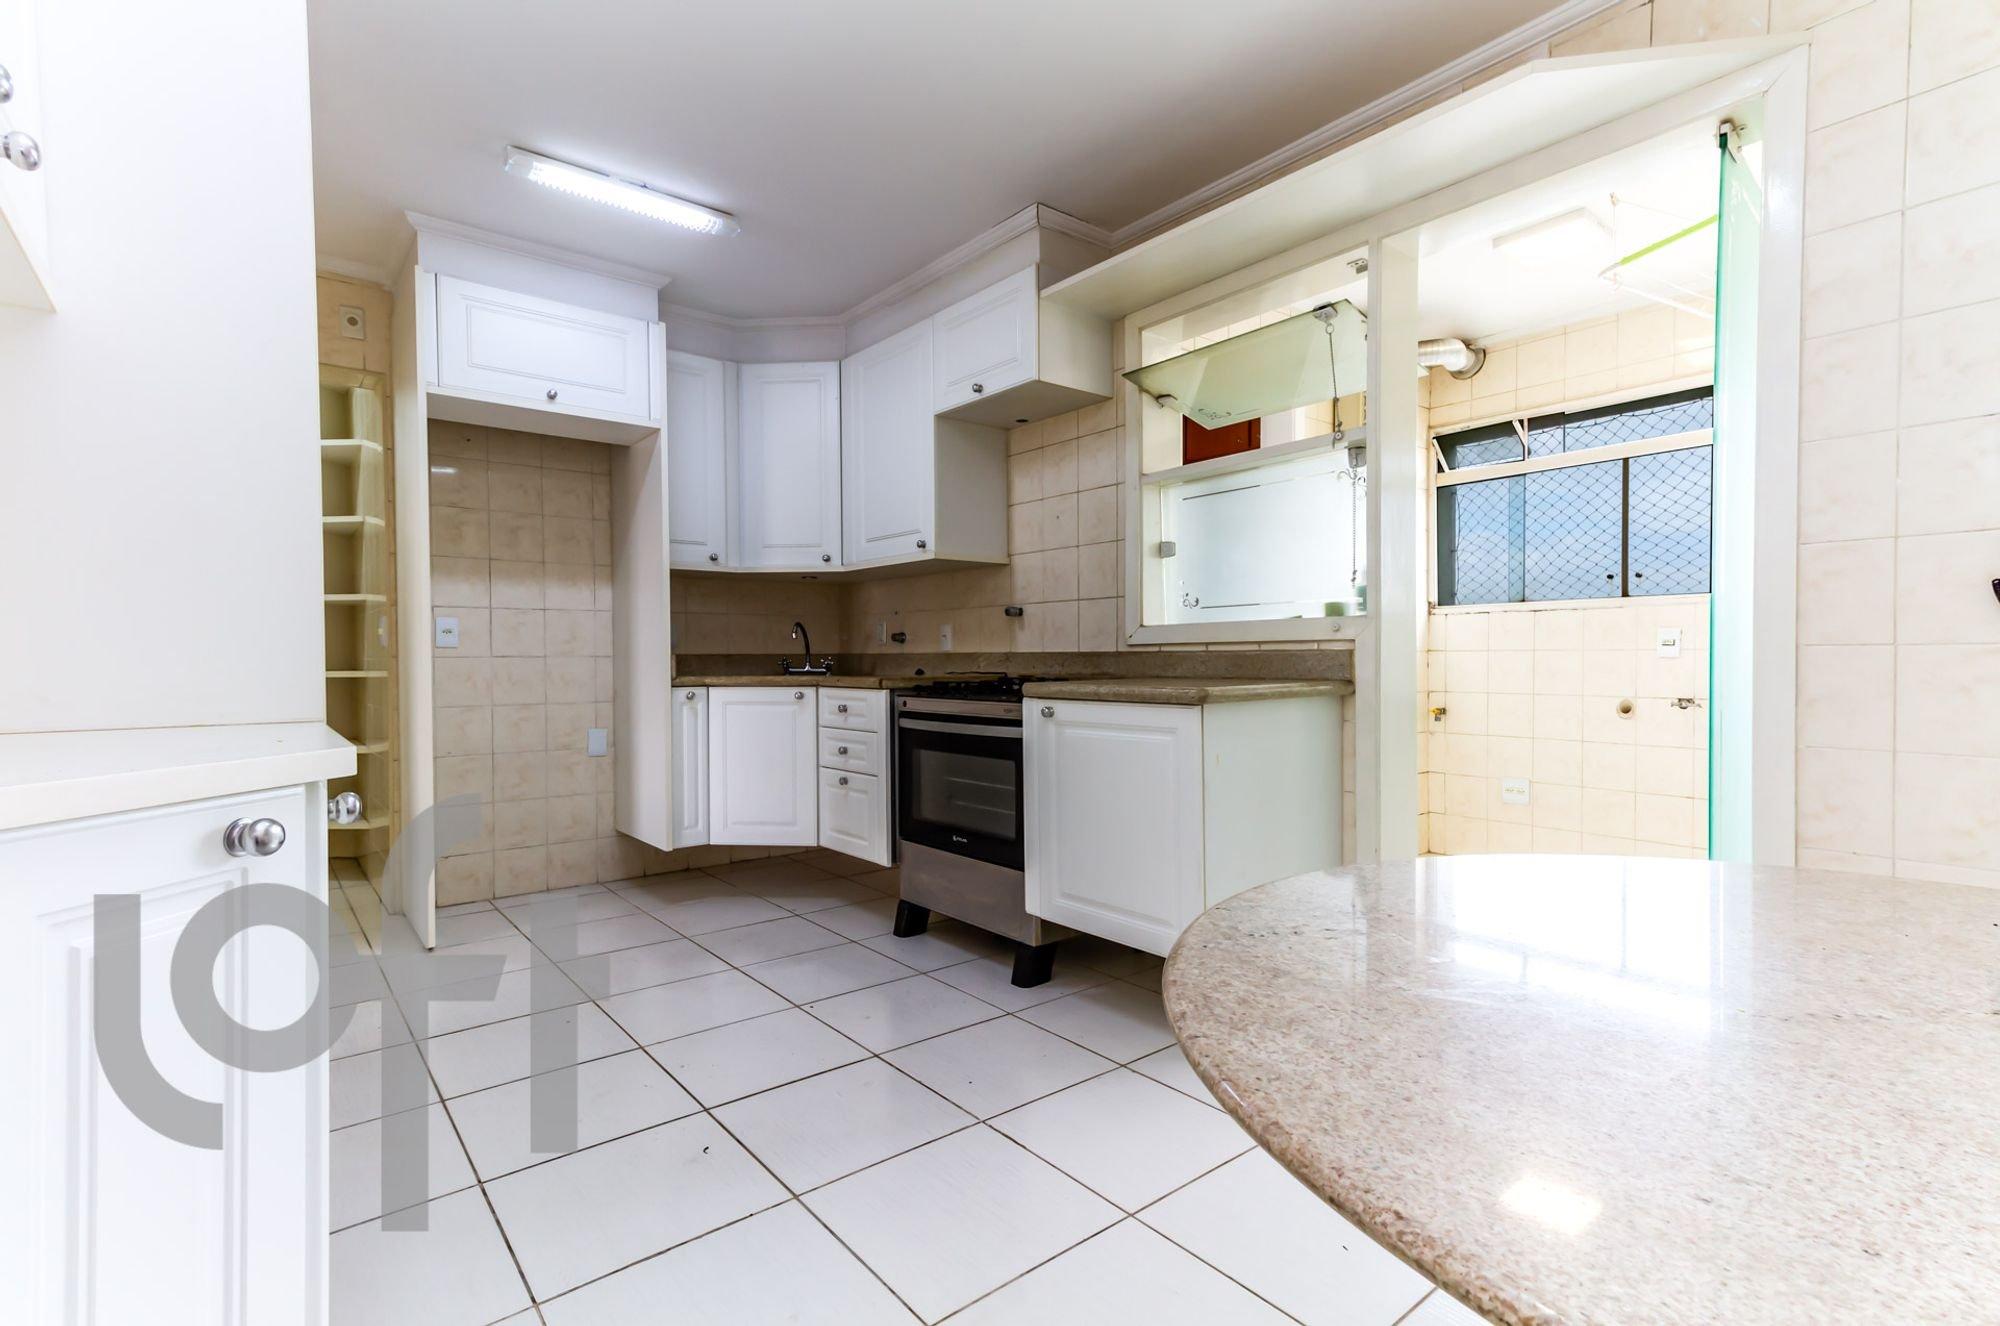 Foto de Cozinha com forno, mesa de jantar